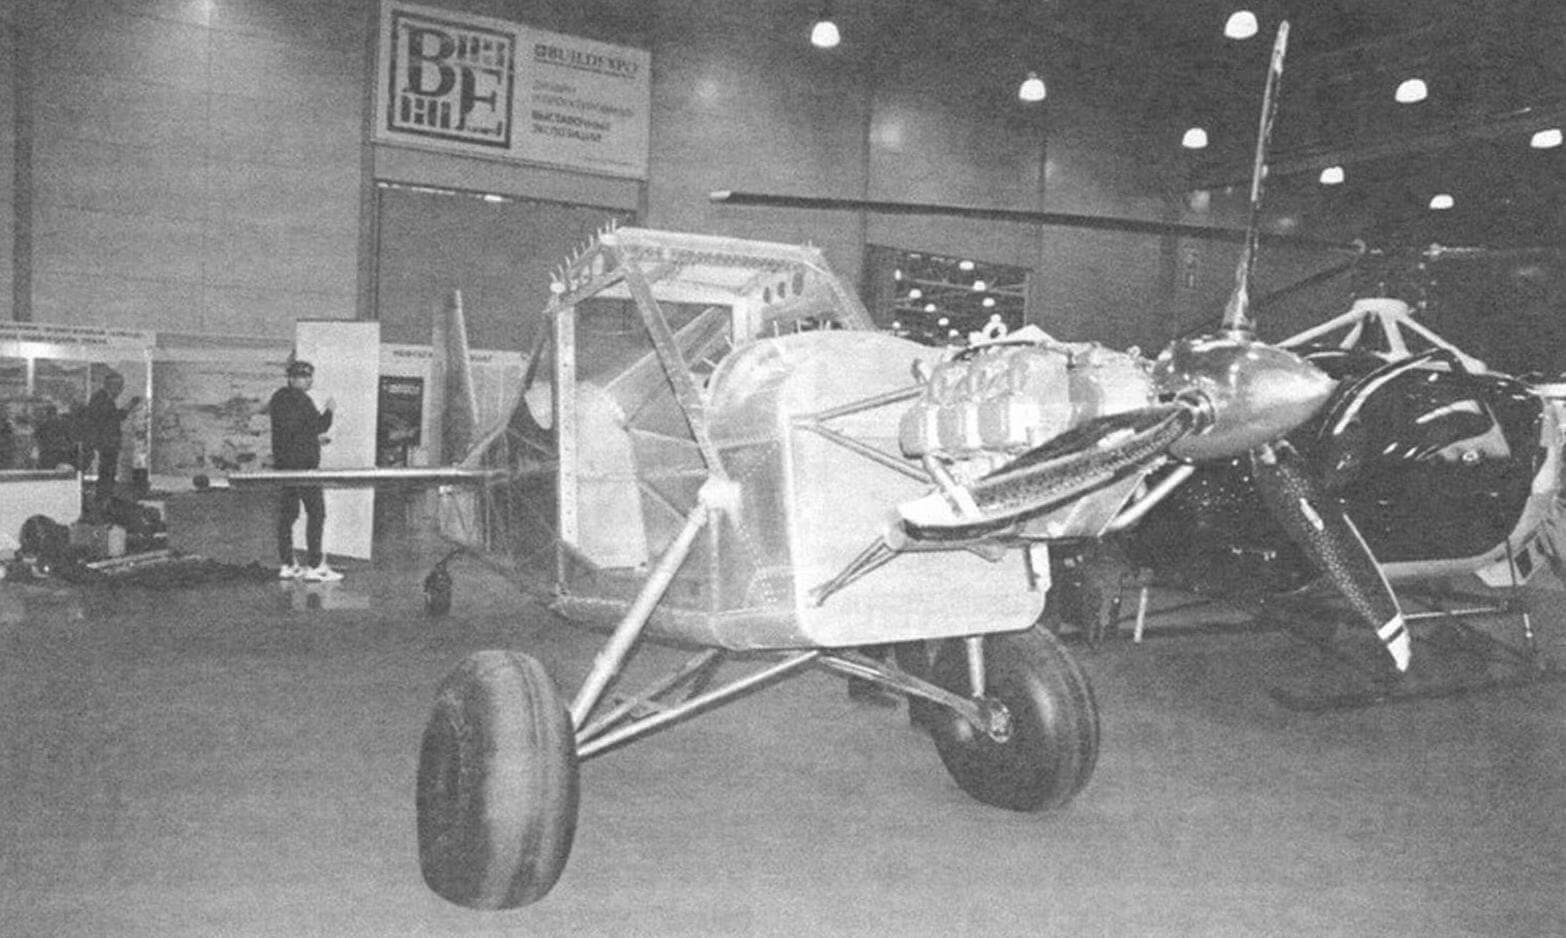 На момент открытия выставки самолет Bush 505 SL еще находился в процессе достройки